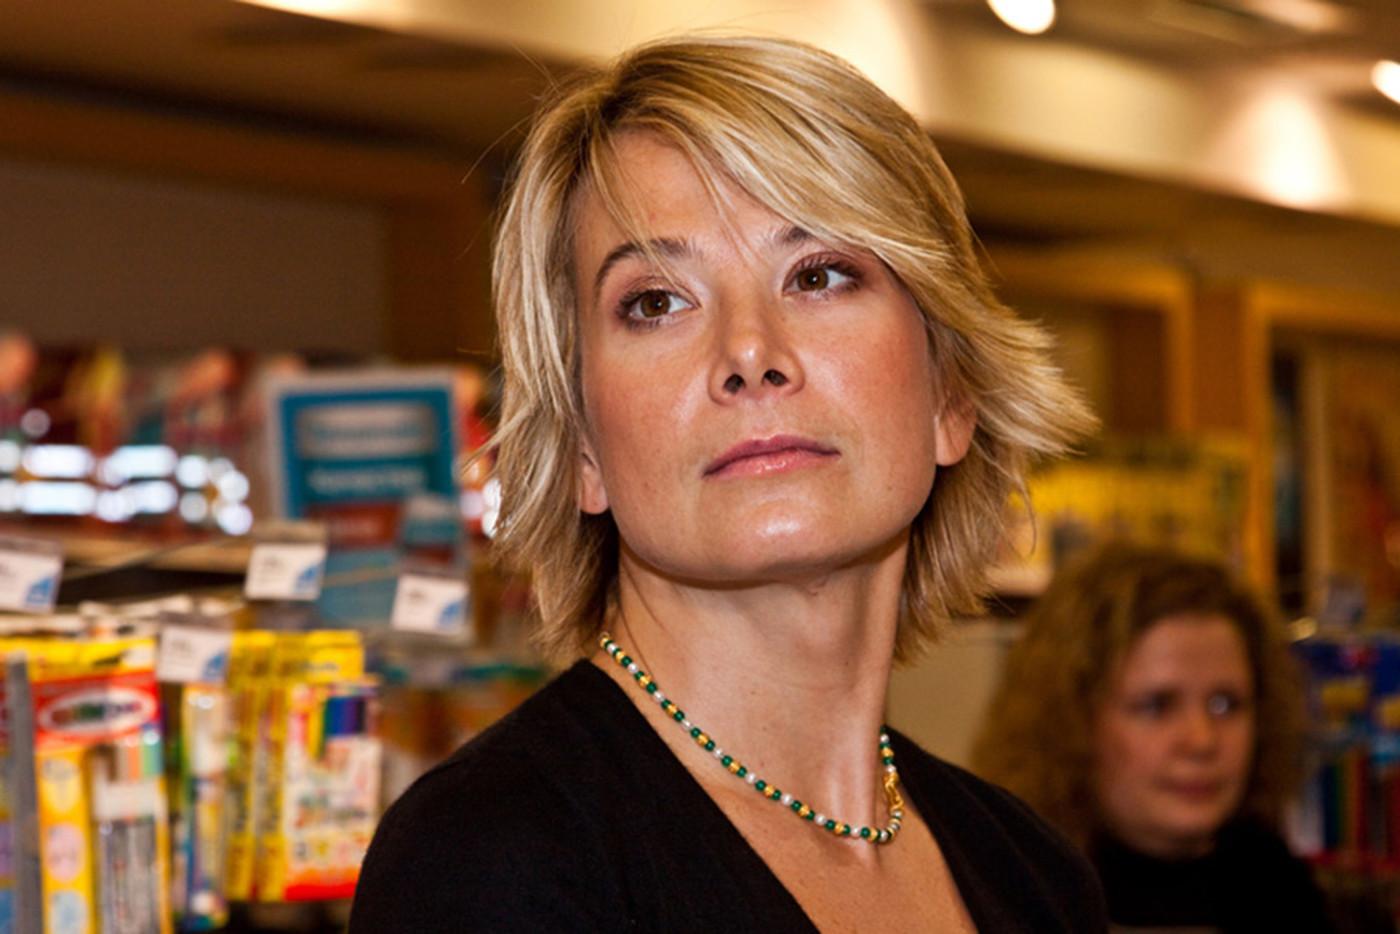 Жена кончаловского старшего фото с новой прической